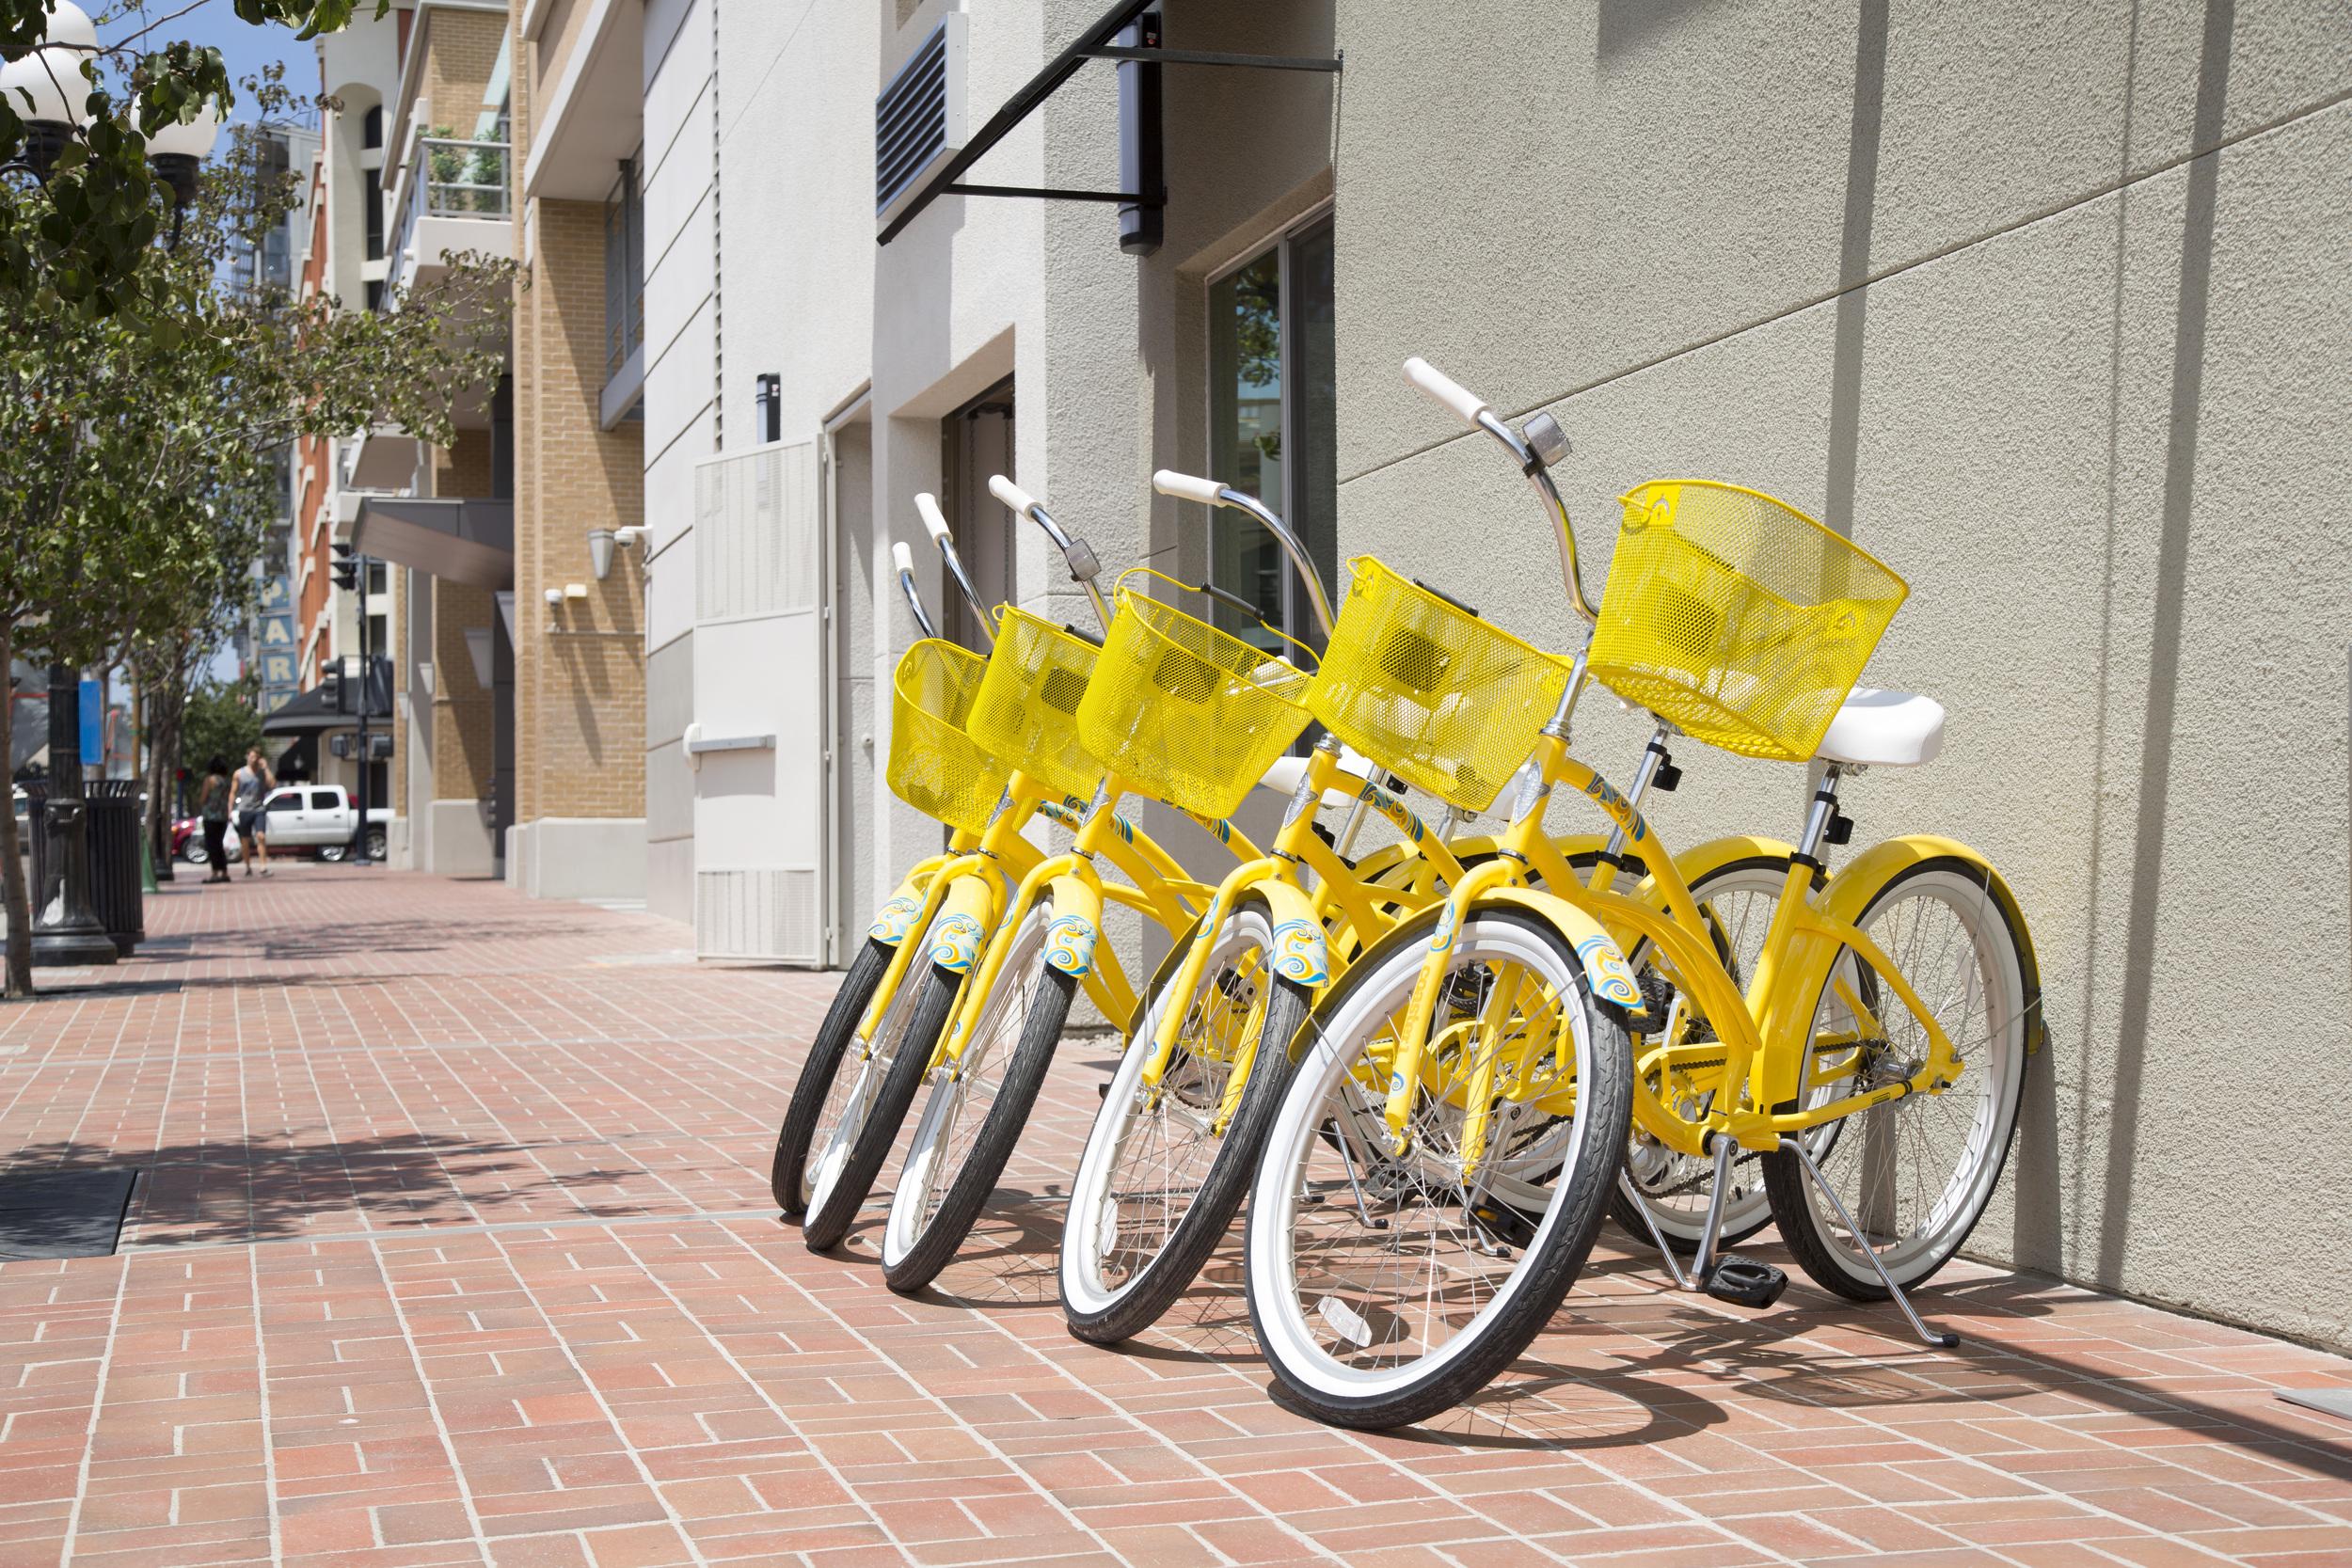 HZ bikes sidewalk.jpg